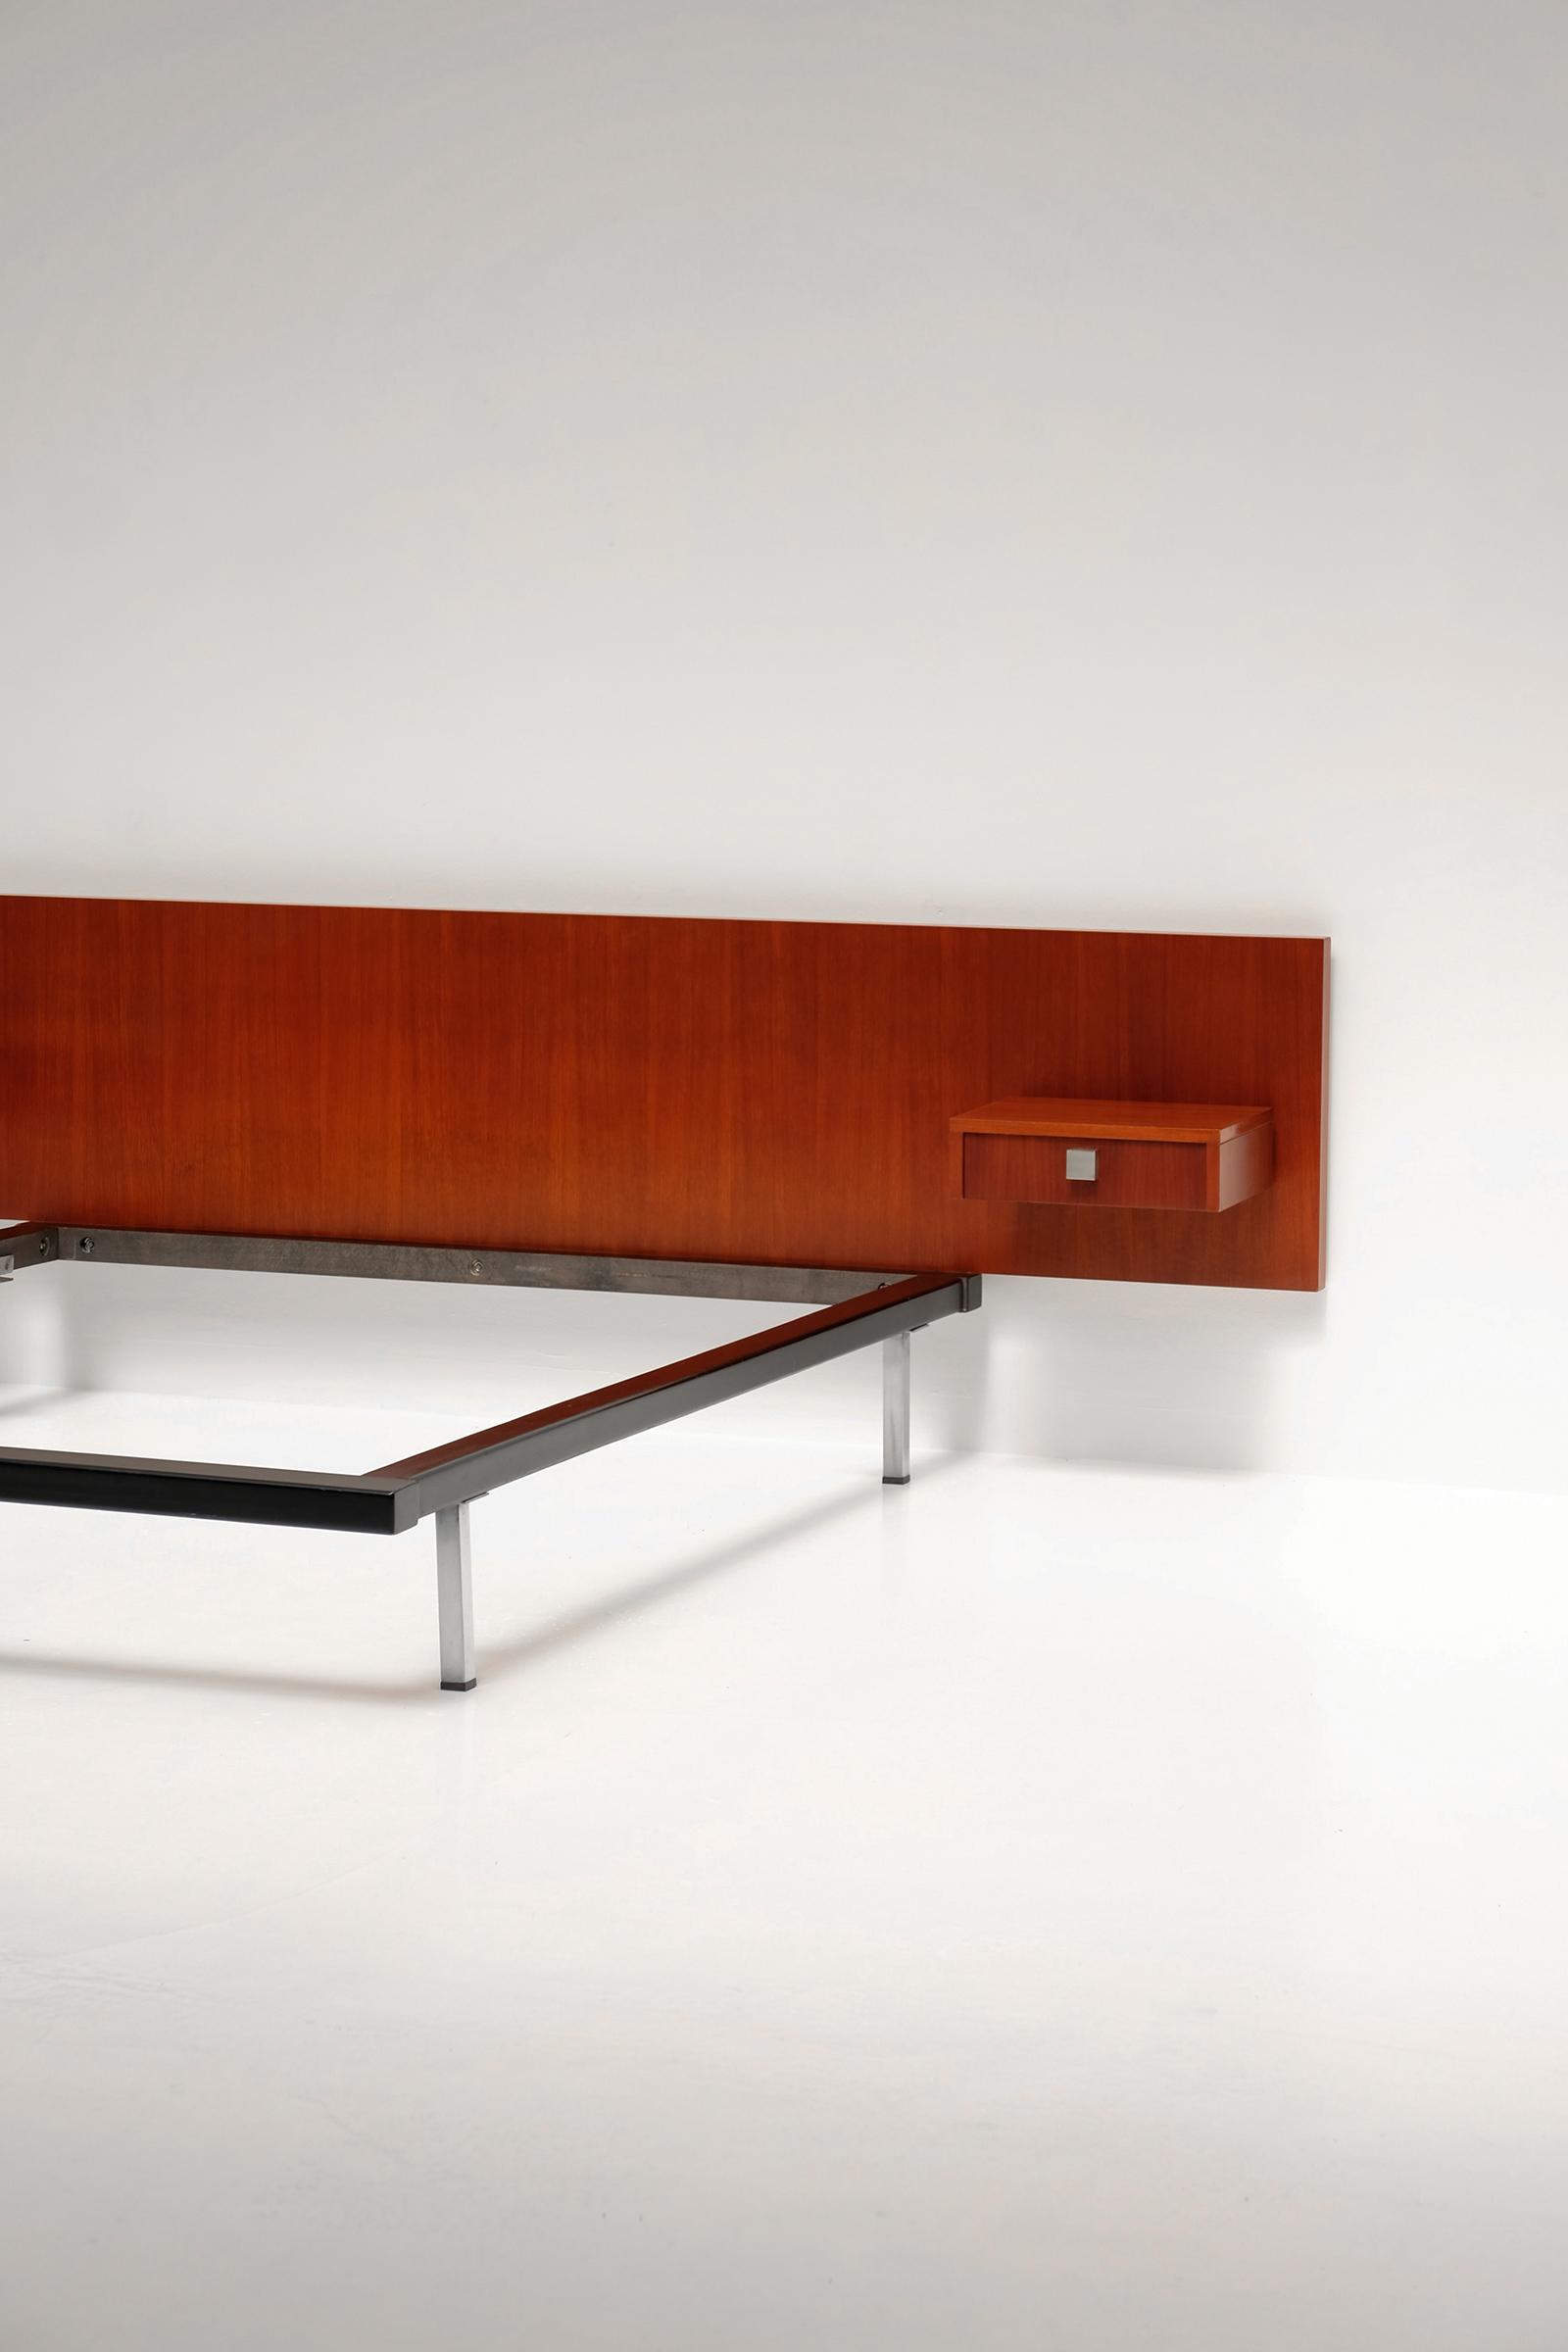 1960s Alfred Hendrickx Belform Bed